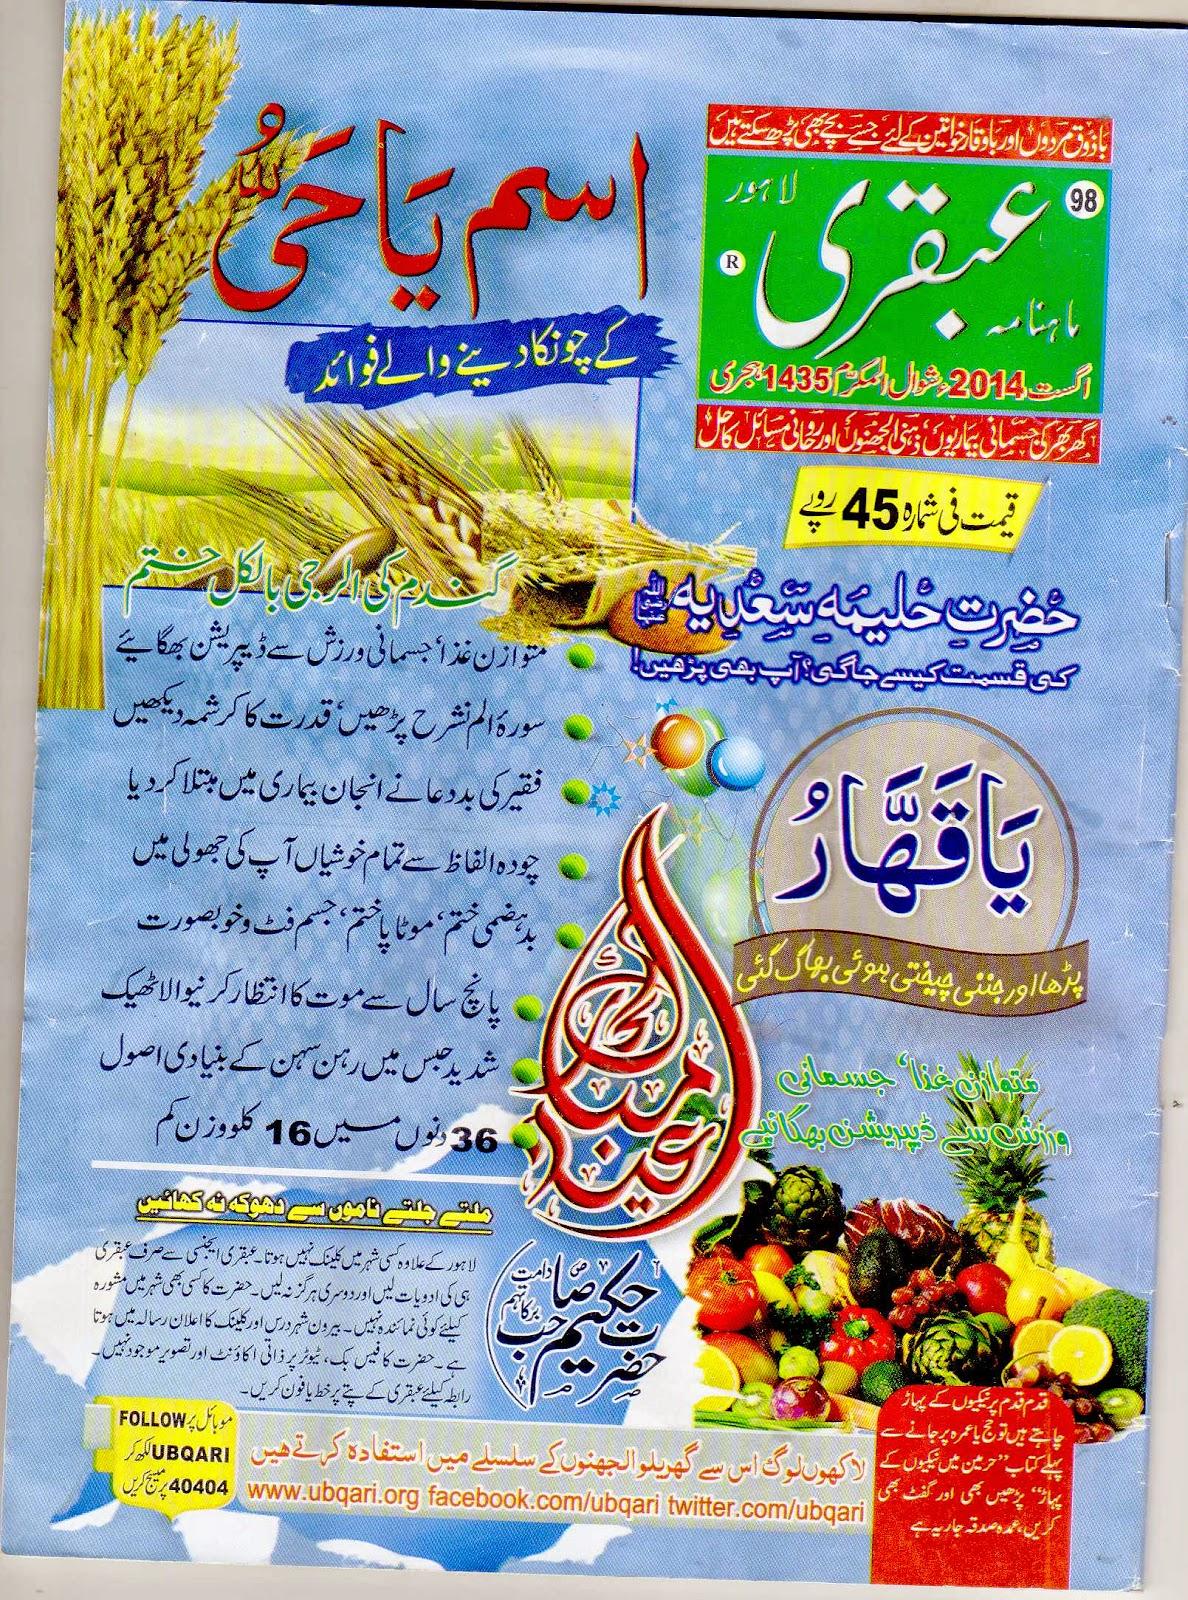 Ubqari Magazine August 2014